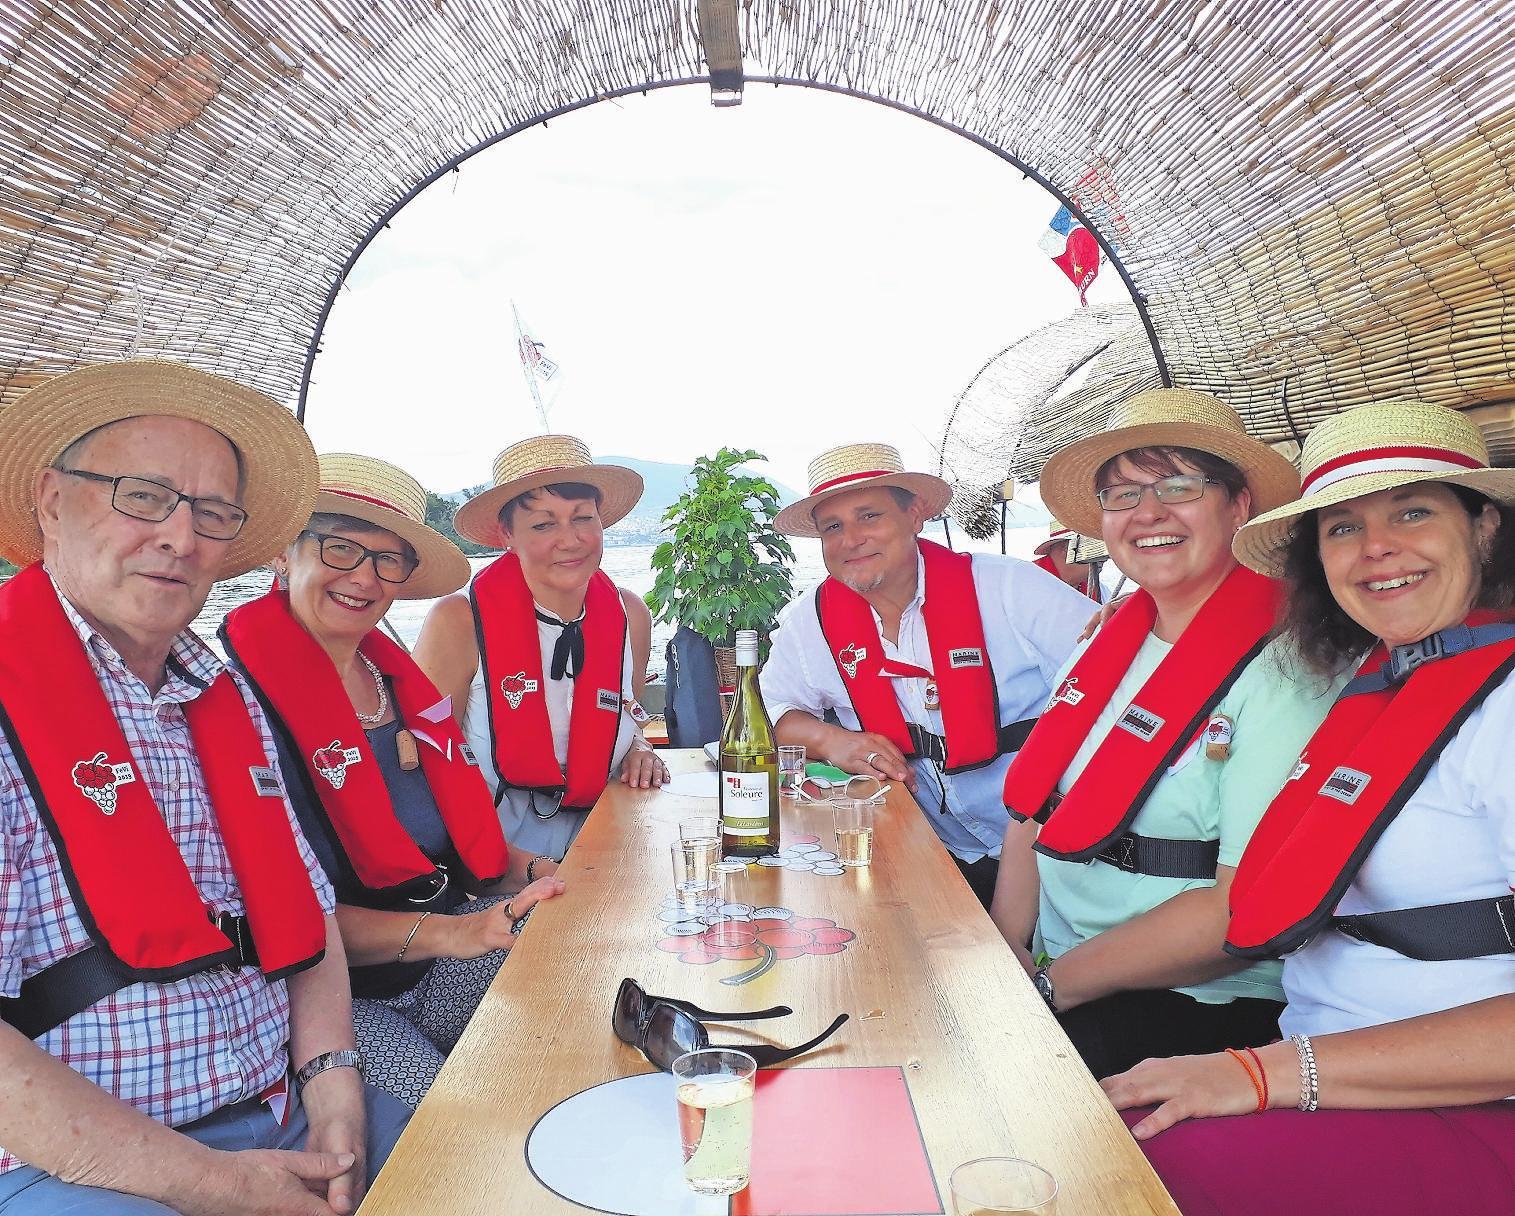 Solothurner lieben die Harmonie: Sinnbildlich die Fahrt an die Fête des Vignerons. Wer schafft es nach Bern? Bild: R. Karpf (Vevey, 2. August 2019)